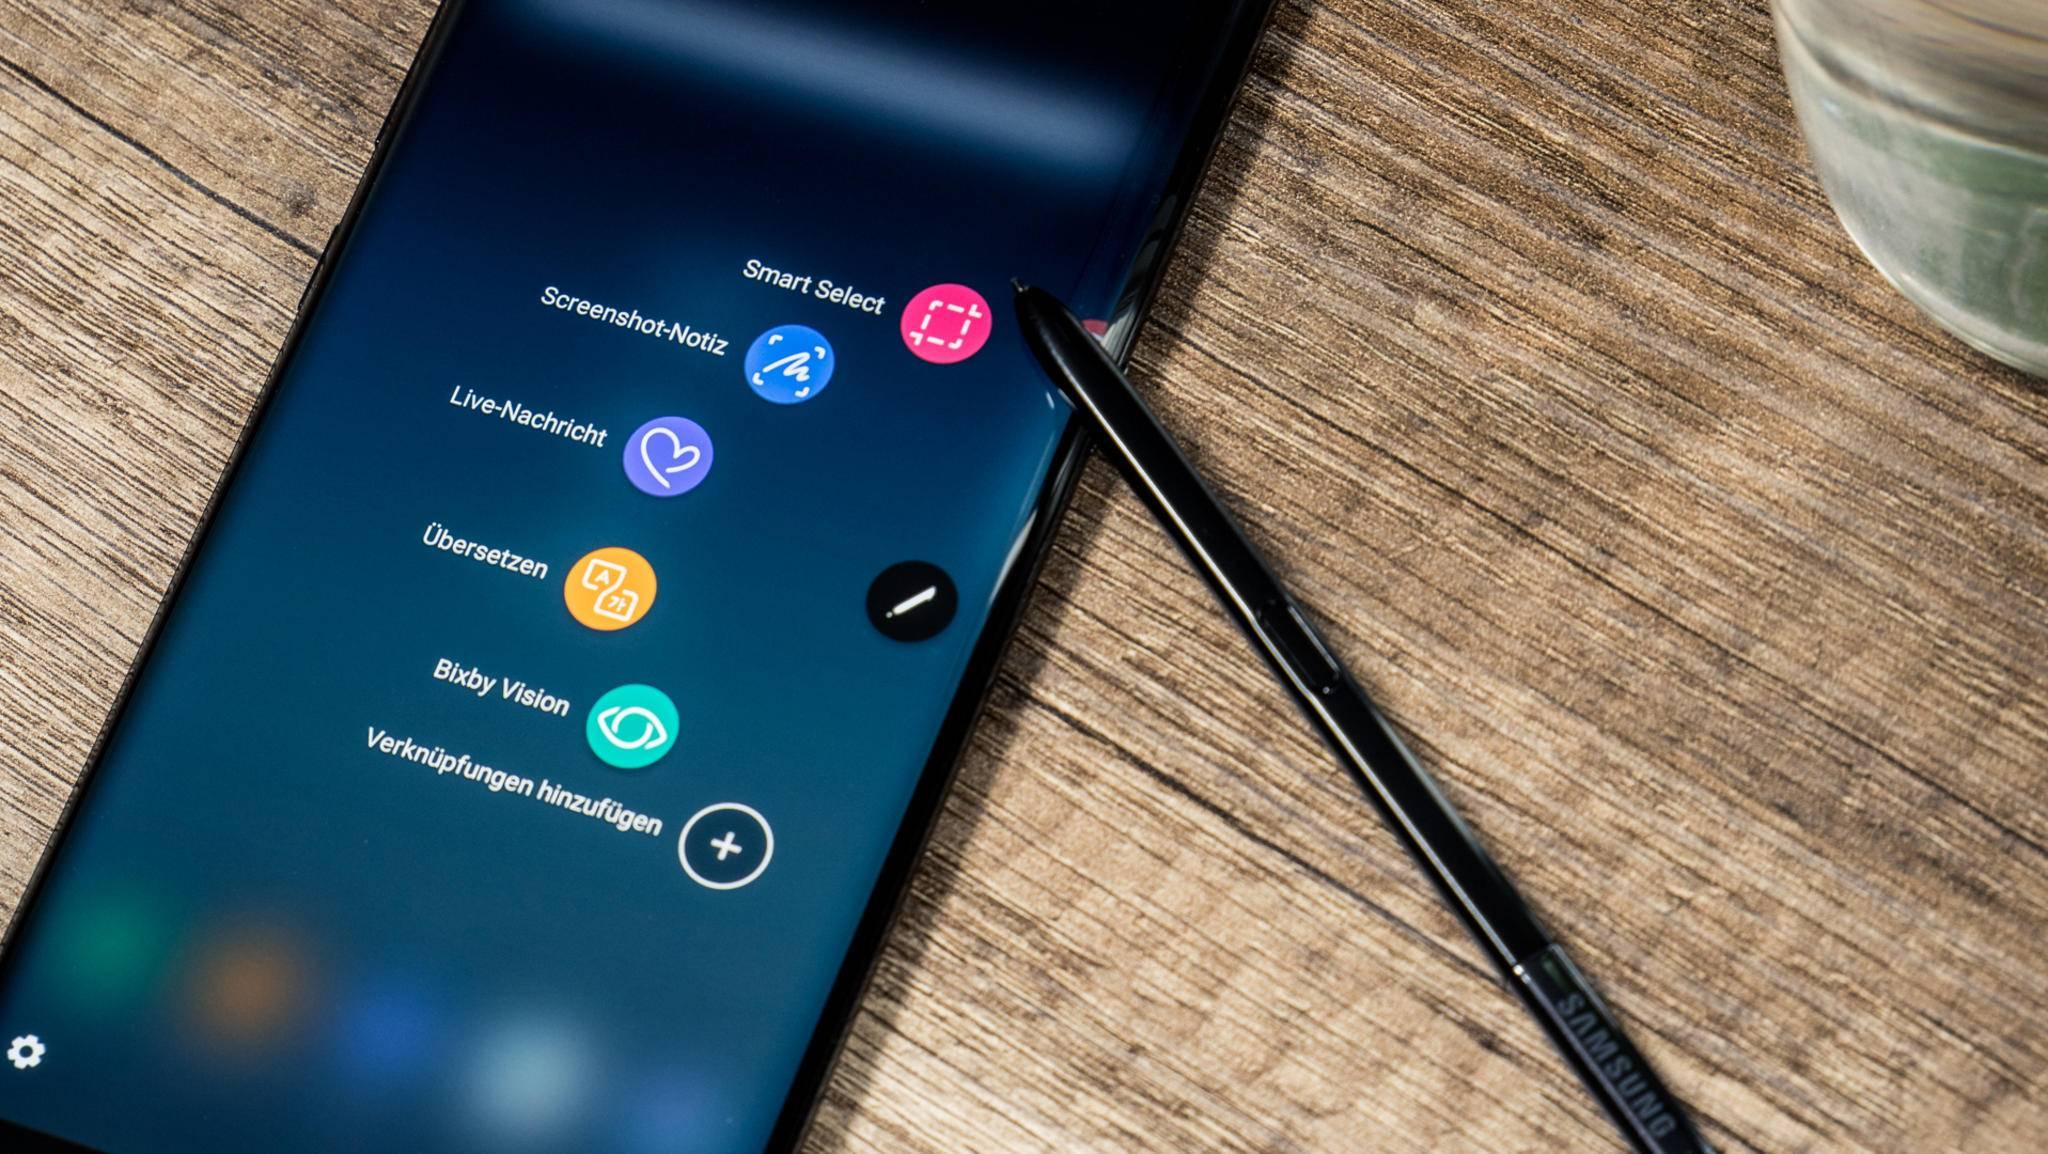 Das Galaxy Note 8 überzeugt auch durch gute Empfangswerte.